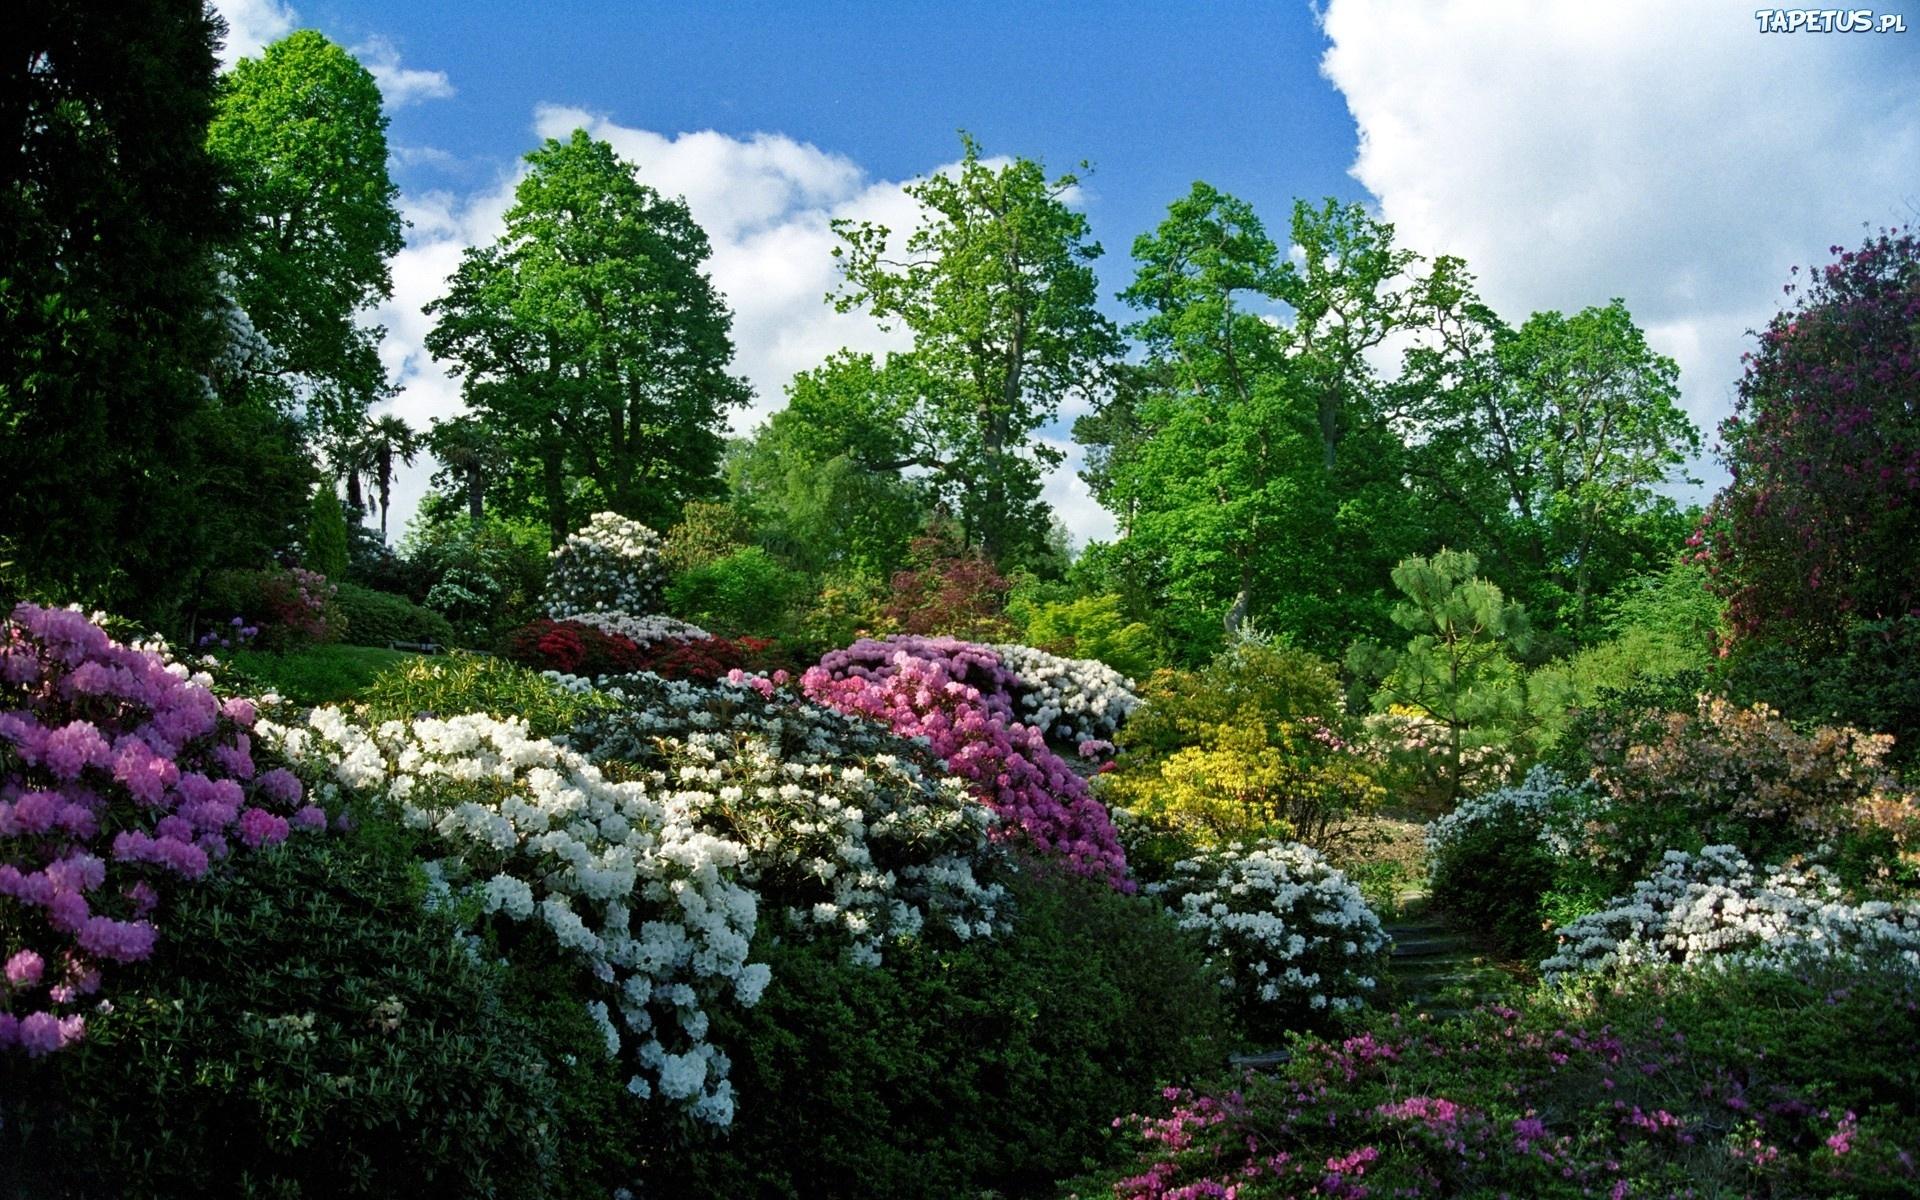 луг сад дворик трава  № 2691597 бесплатно